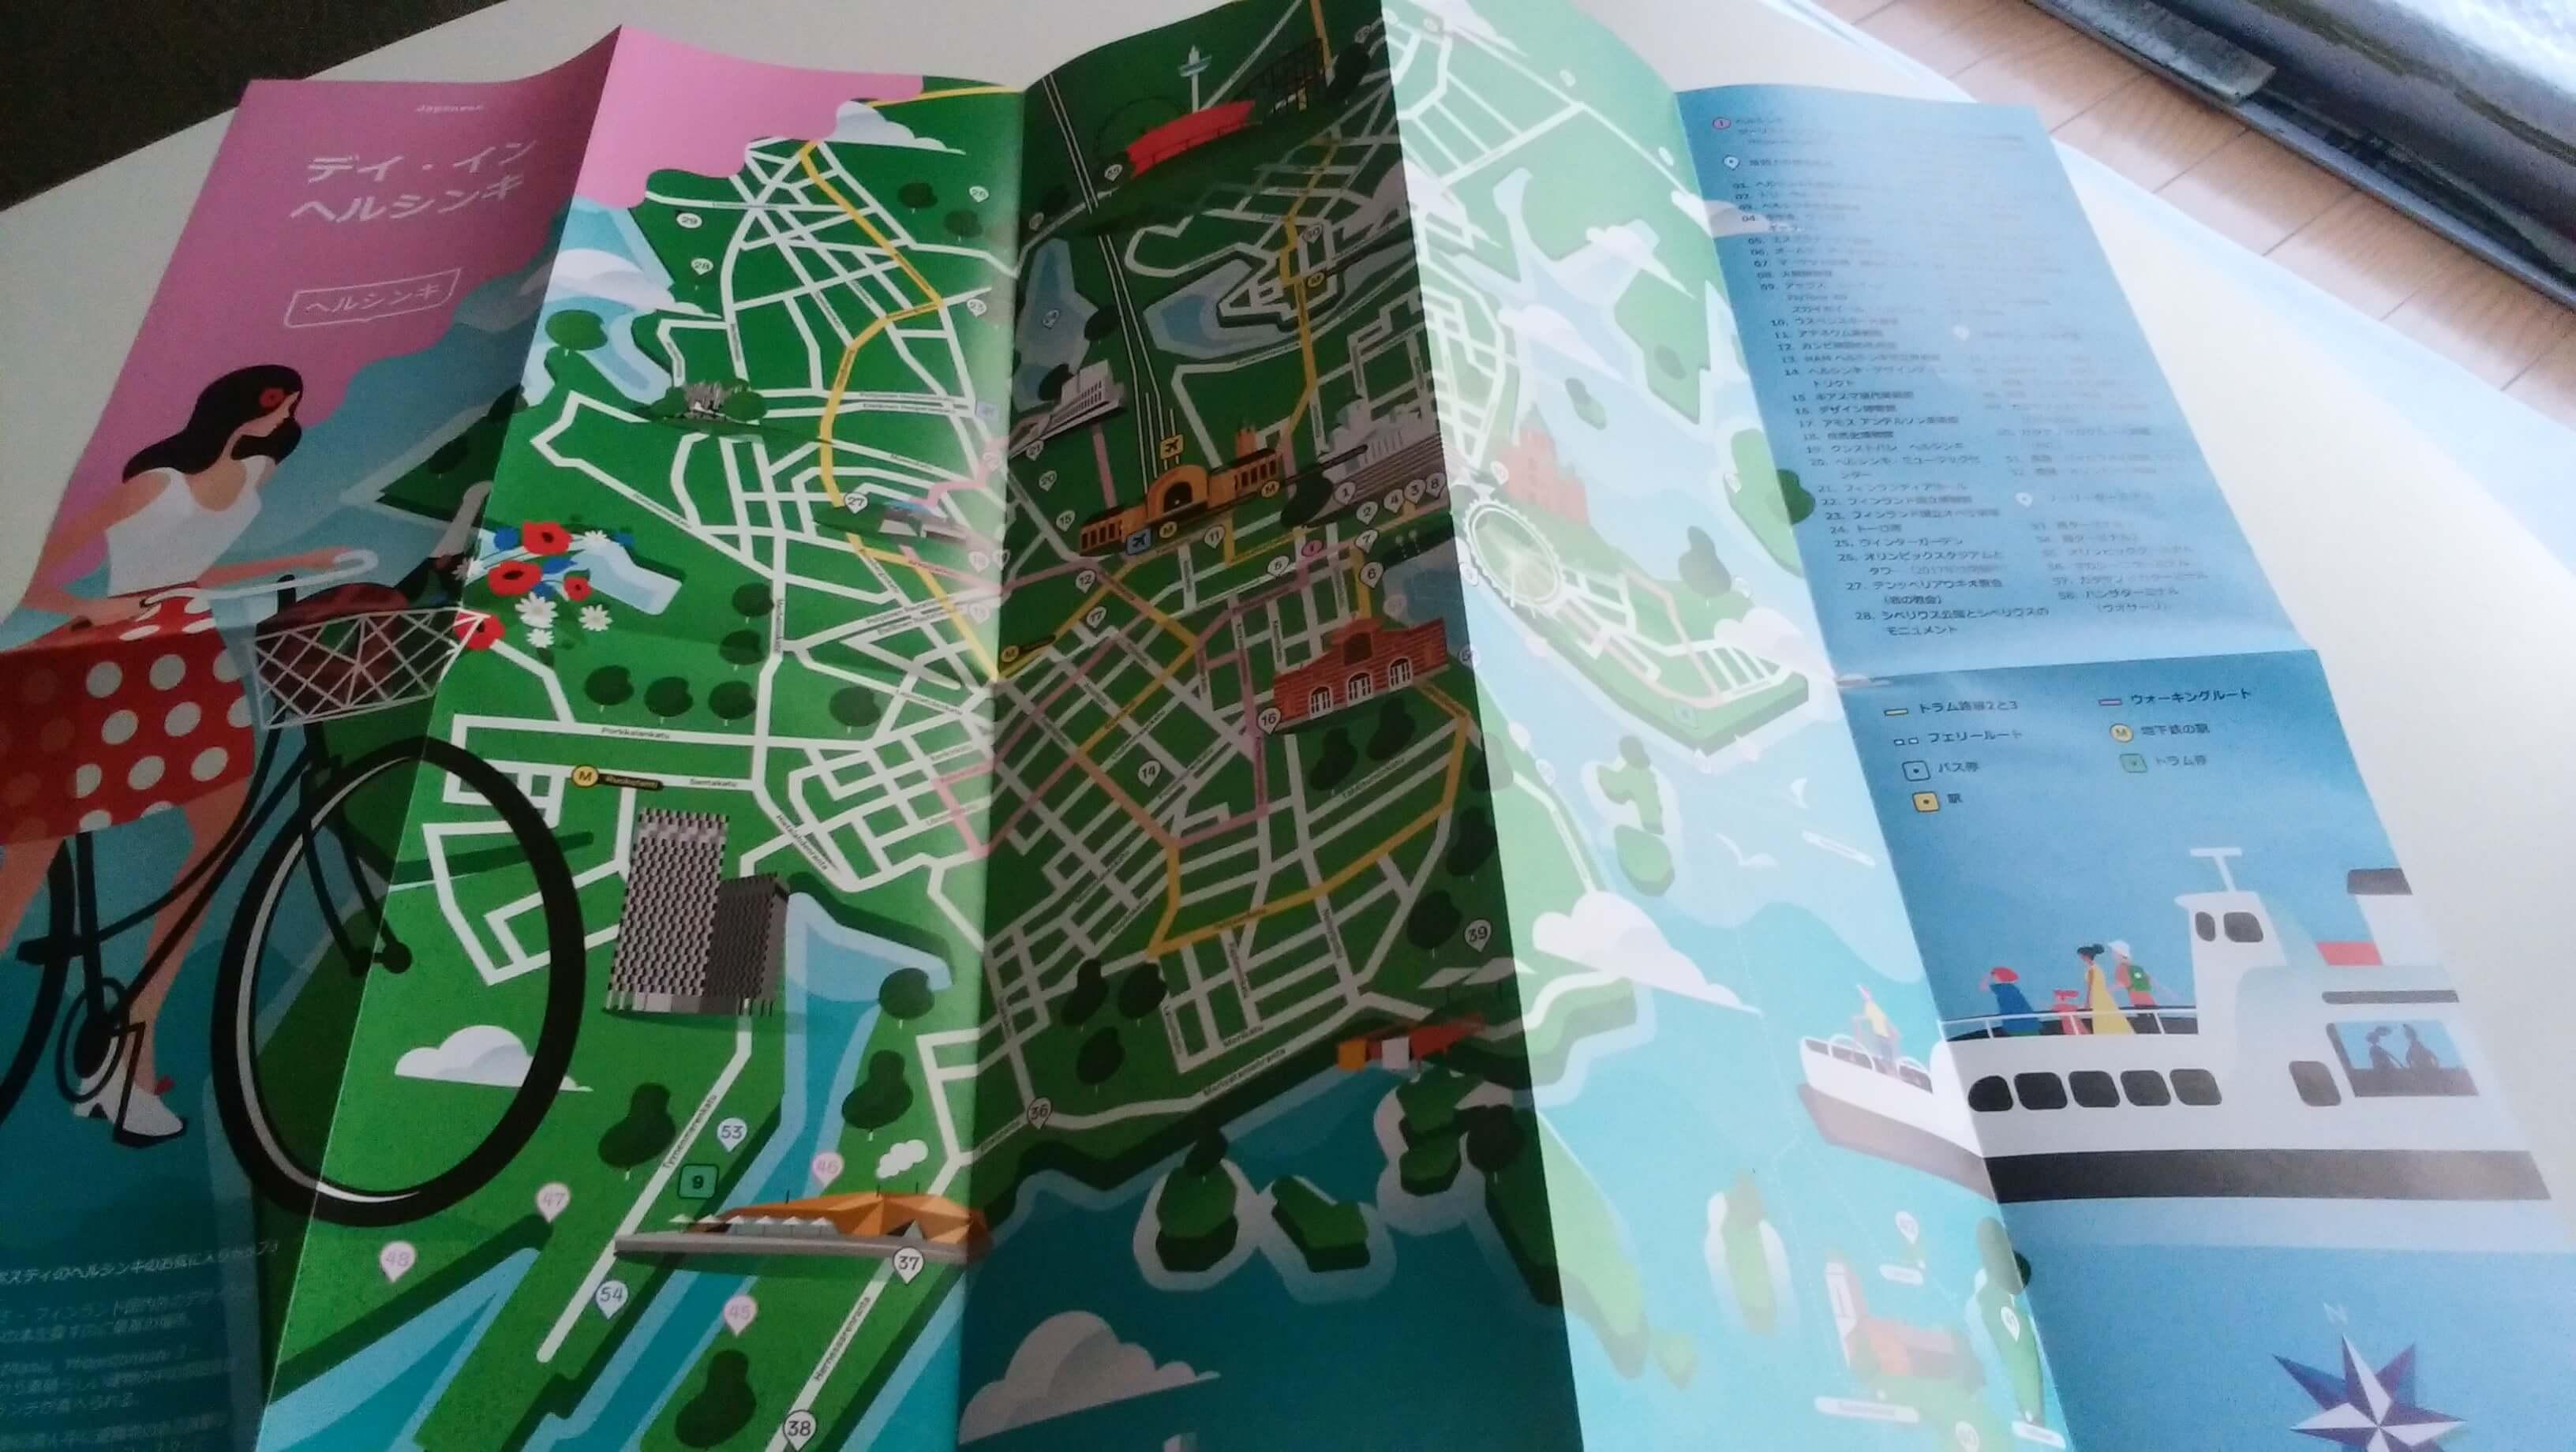 パンフレットの中にはヘルシンキの地図がカラフルに載っていた